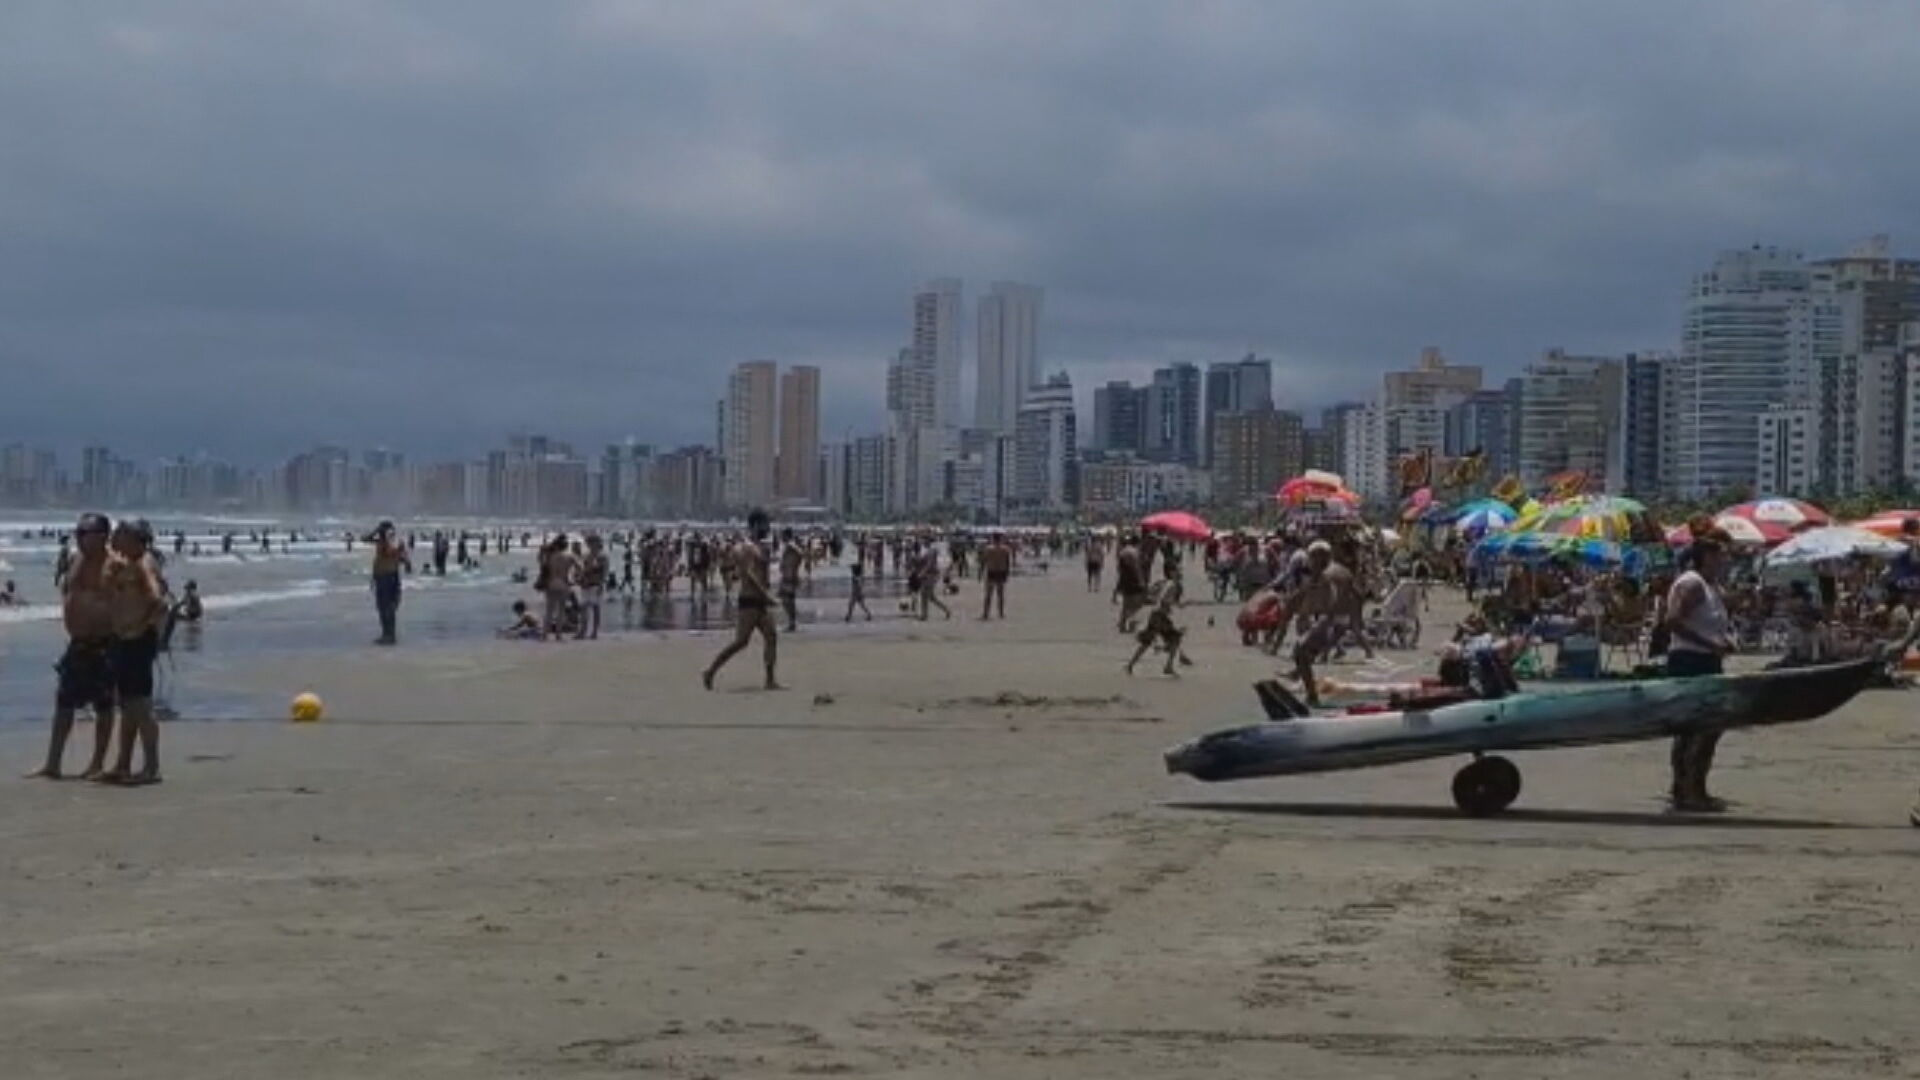 Praias da Baixada Santista sofreram aglomerações devido ao feriado prolongado